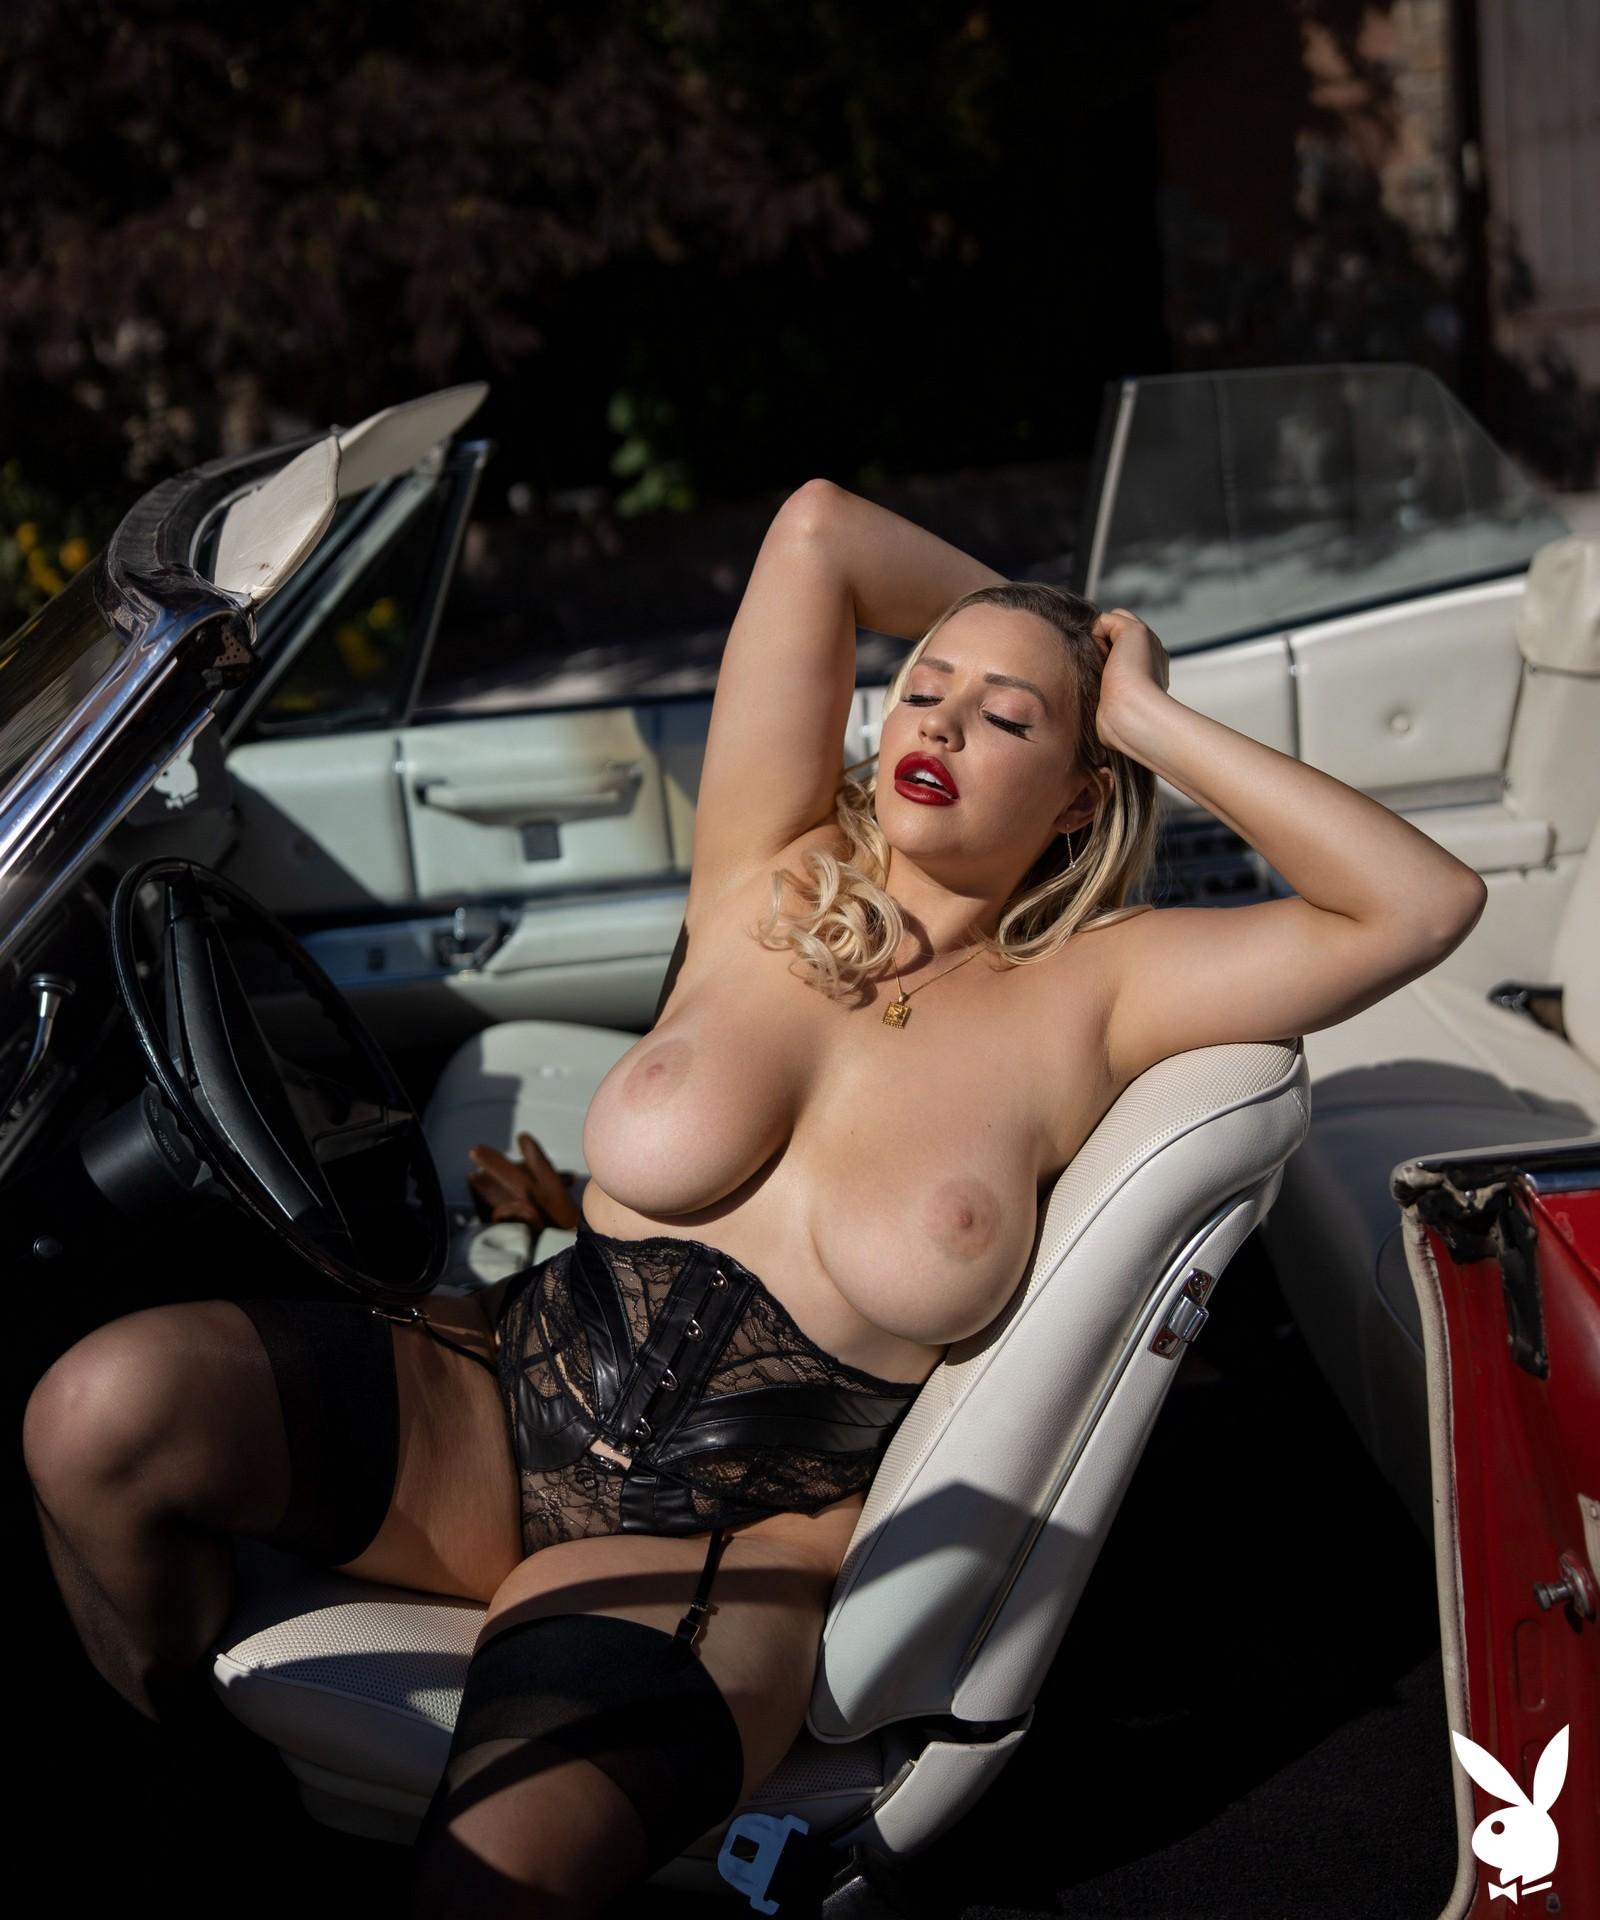 Mia Malkova In Drive Me Wild Playboy Plus (26)